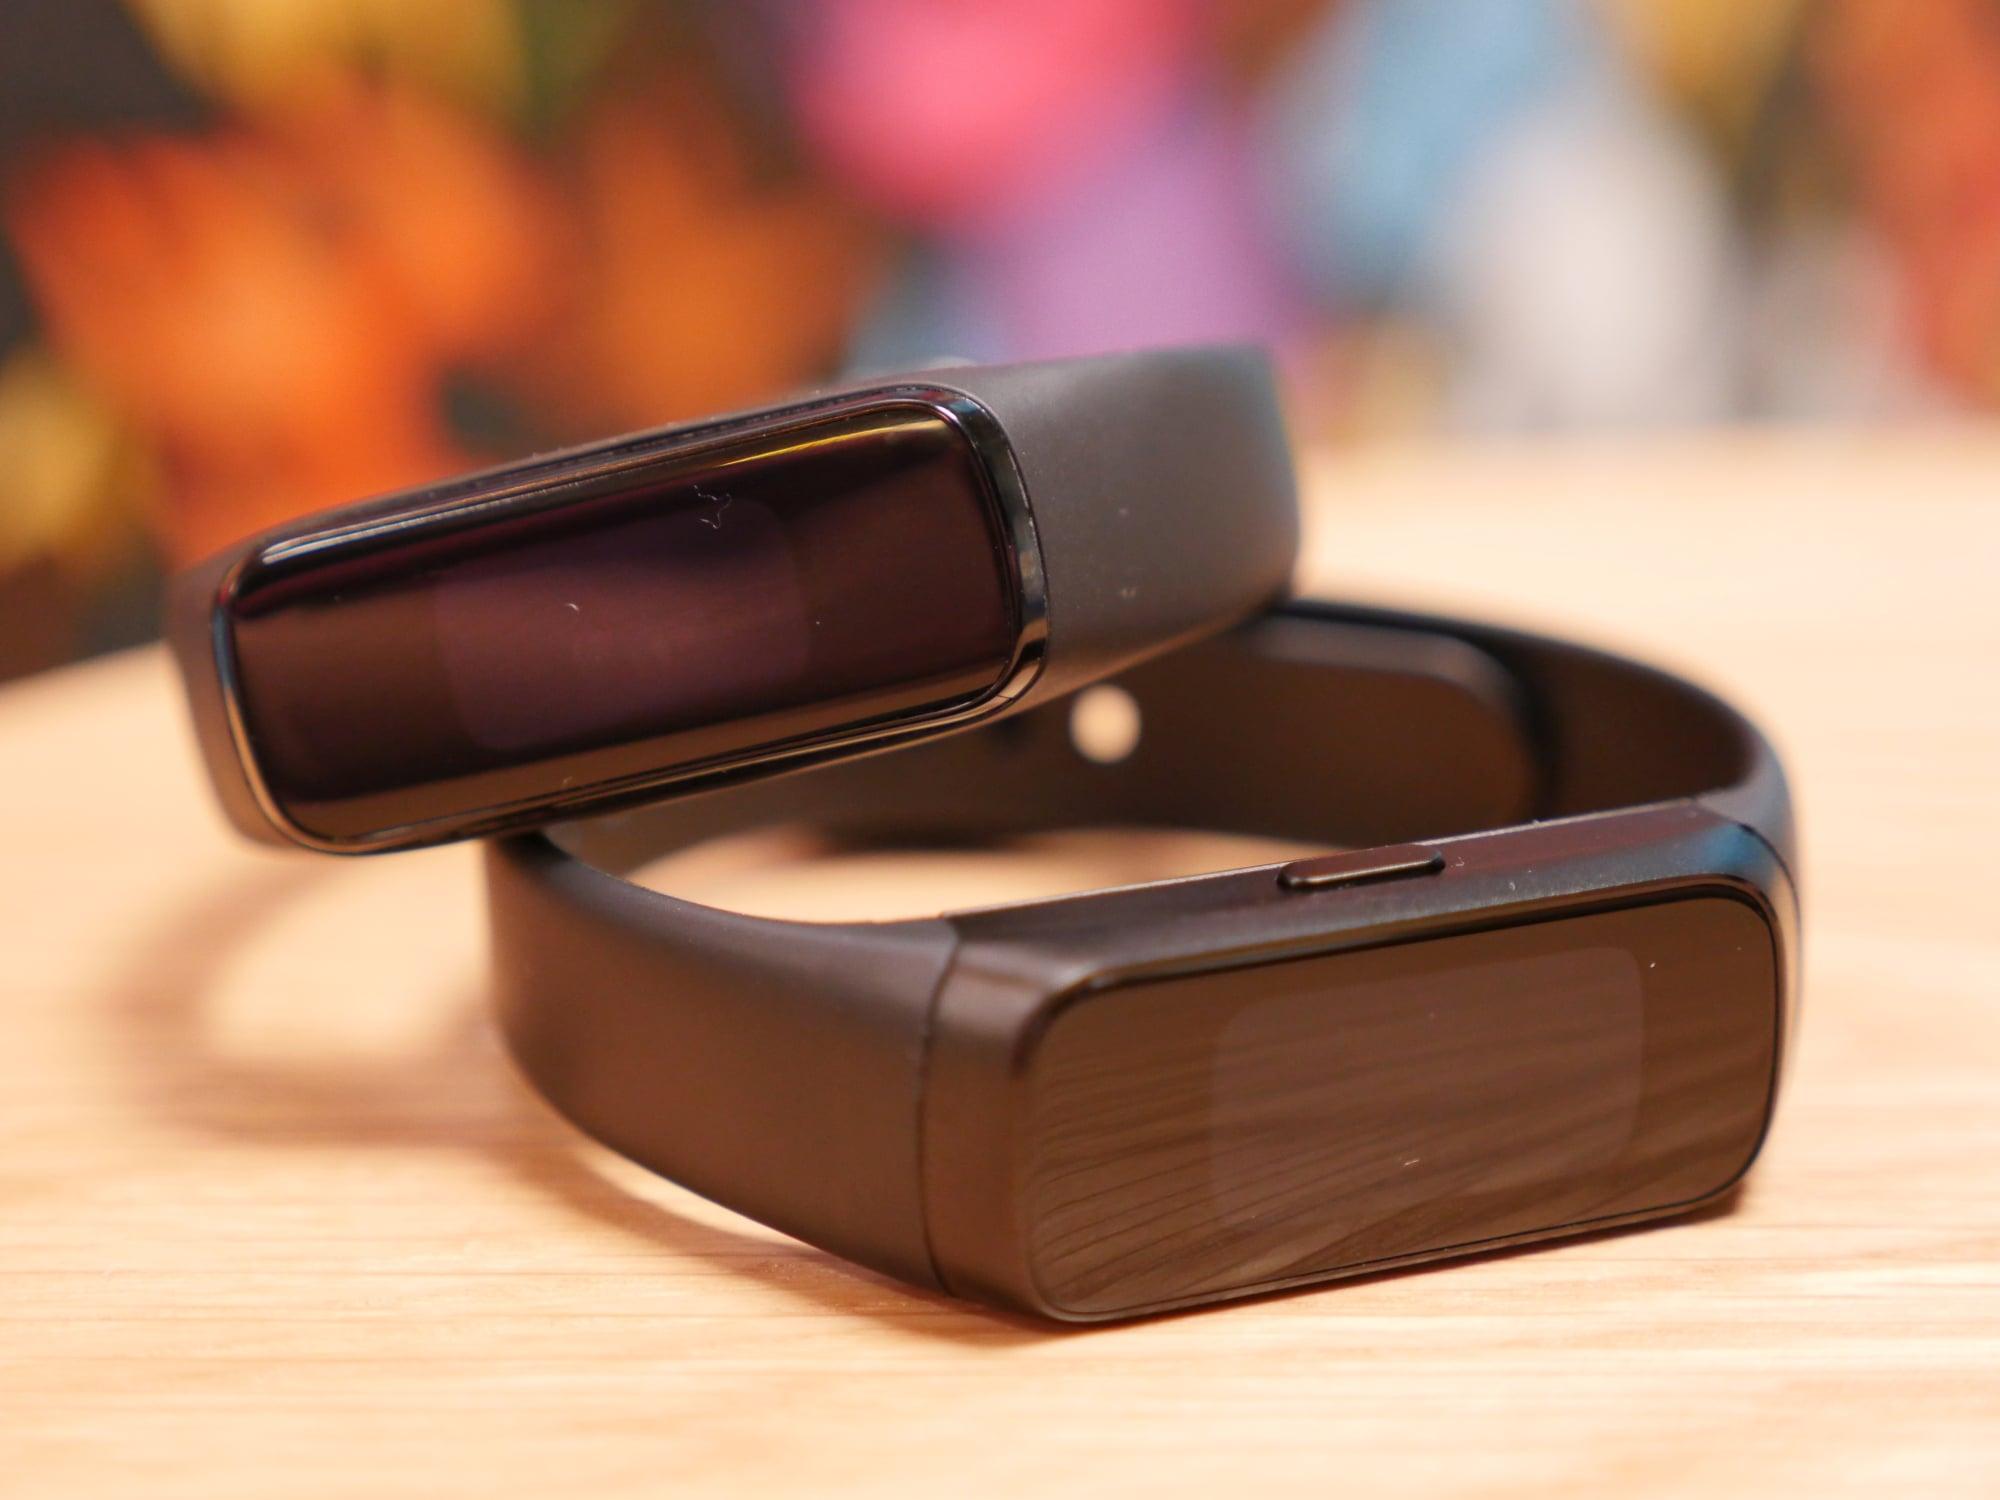 Nowe akcesoria od Samsunga: Galaxy Watch Active, Galaxy Fit, Galaxy Fit E i Galaxy Buds 34